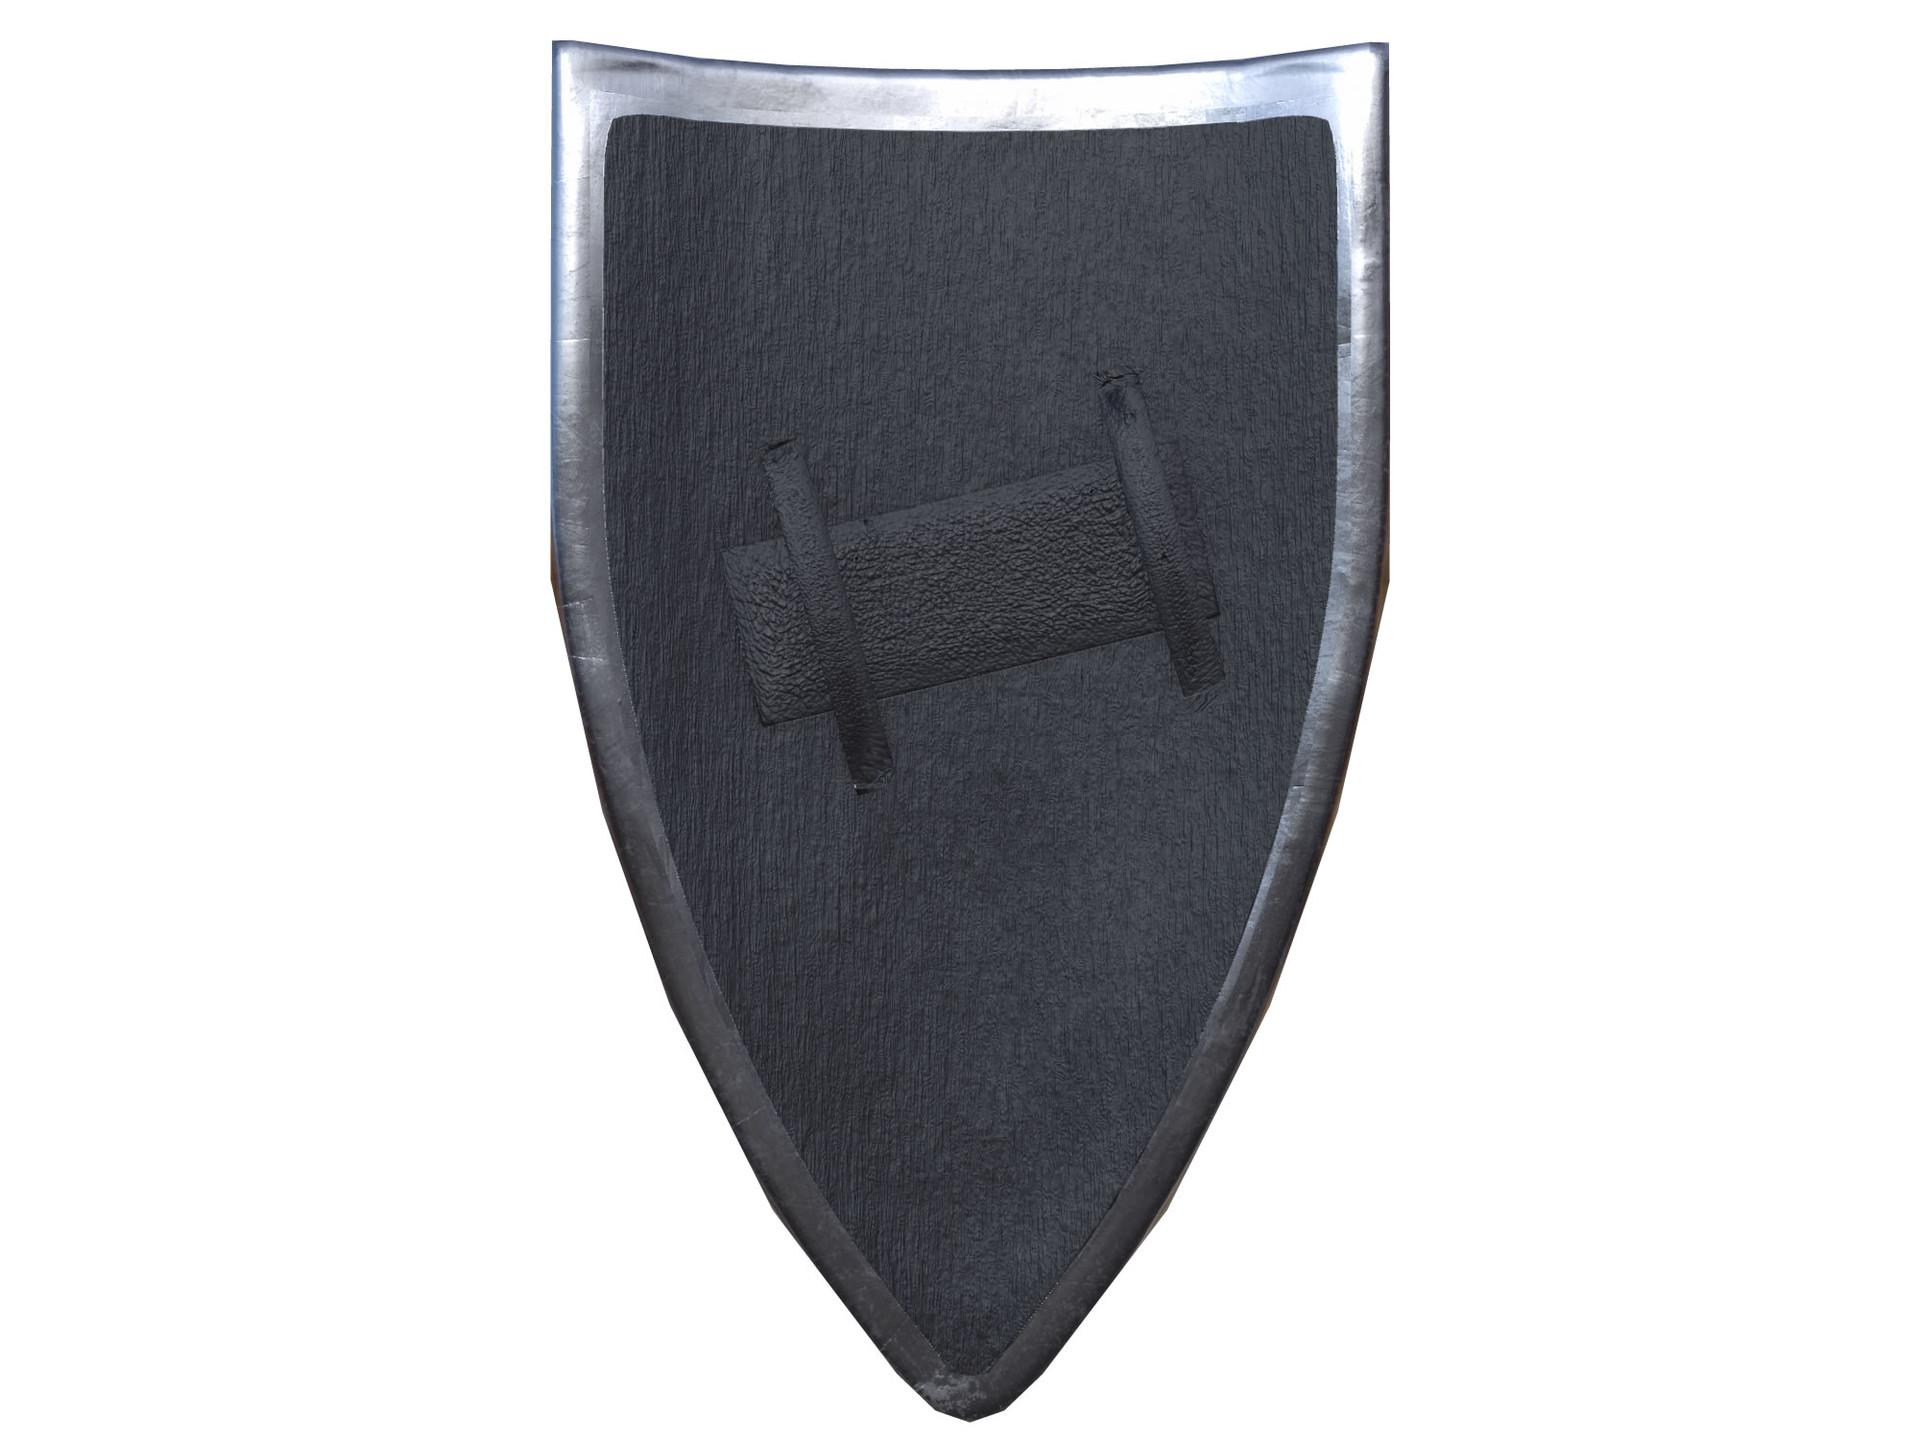 Tomislav veg shield back